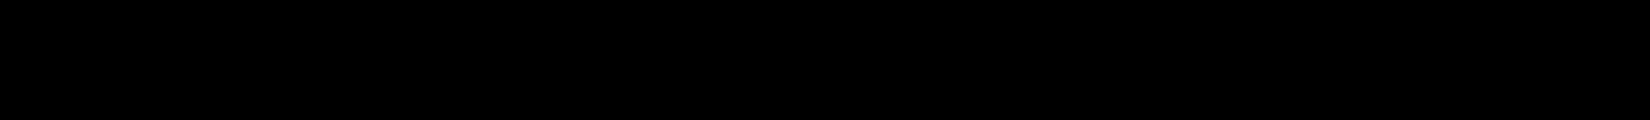 bitmap3